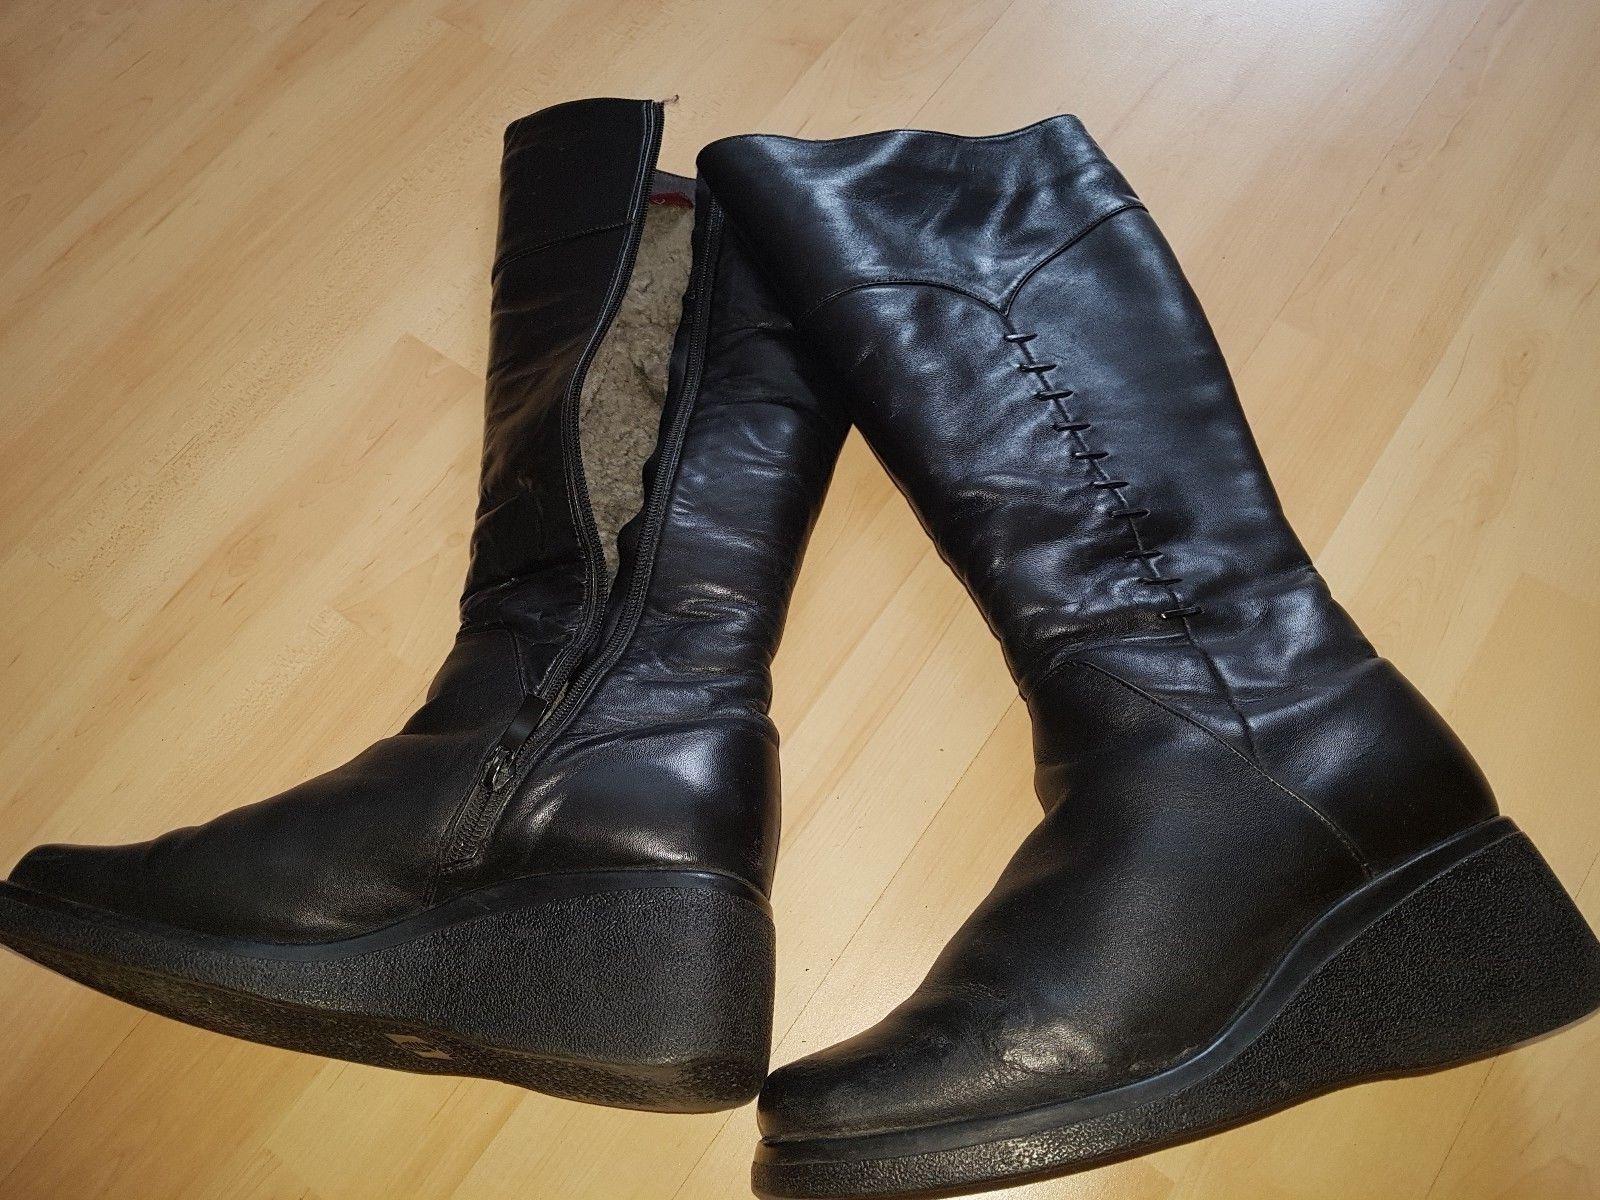 Damen Echtleder Echtlamm Schuhe  w.neu Stiefel Gr. 37/38 schwarz w.neu  50cf80